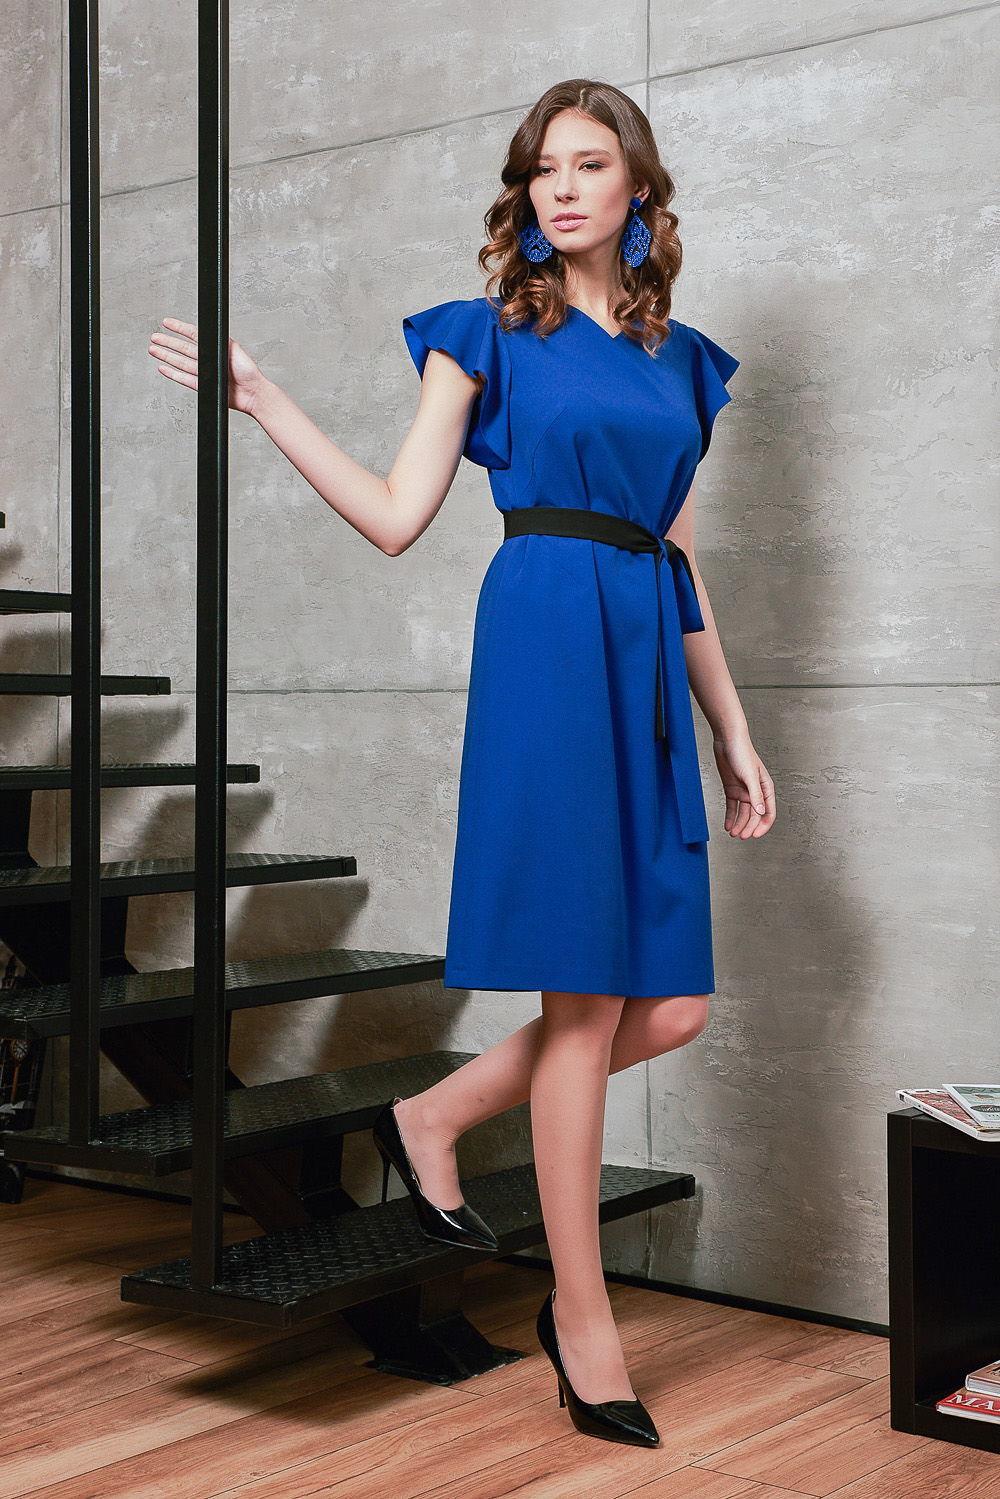 Платье З426а-707 - Восхитительное платье синего цвета, который ассоциируется с порядком, организованностью и целеустремленностью.Черный контрастный пояс четко выделяет линию талии. Кокетливость и озорство придают изящные рукава-крылышки.Свободный фасон безупречно подойдет при любом типе фигуры и поможет скрыть возможные проблемные места. Не стесняет движений.Платье цвета деним уместно в офисе, на дружеских посиделках или торжественном мероприятии.